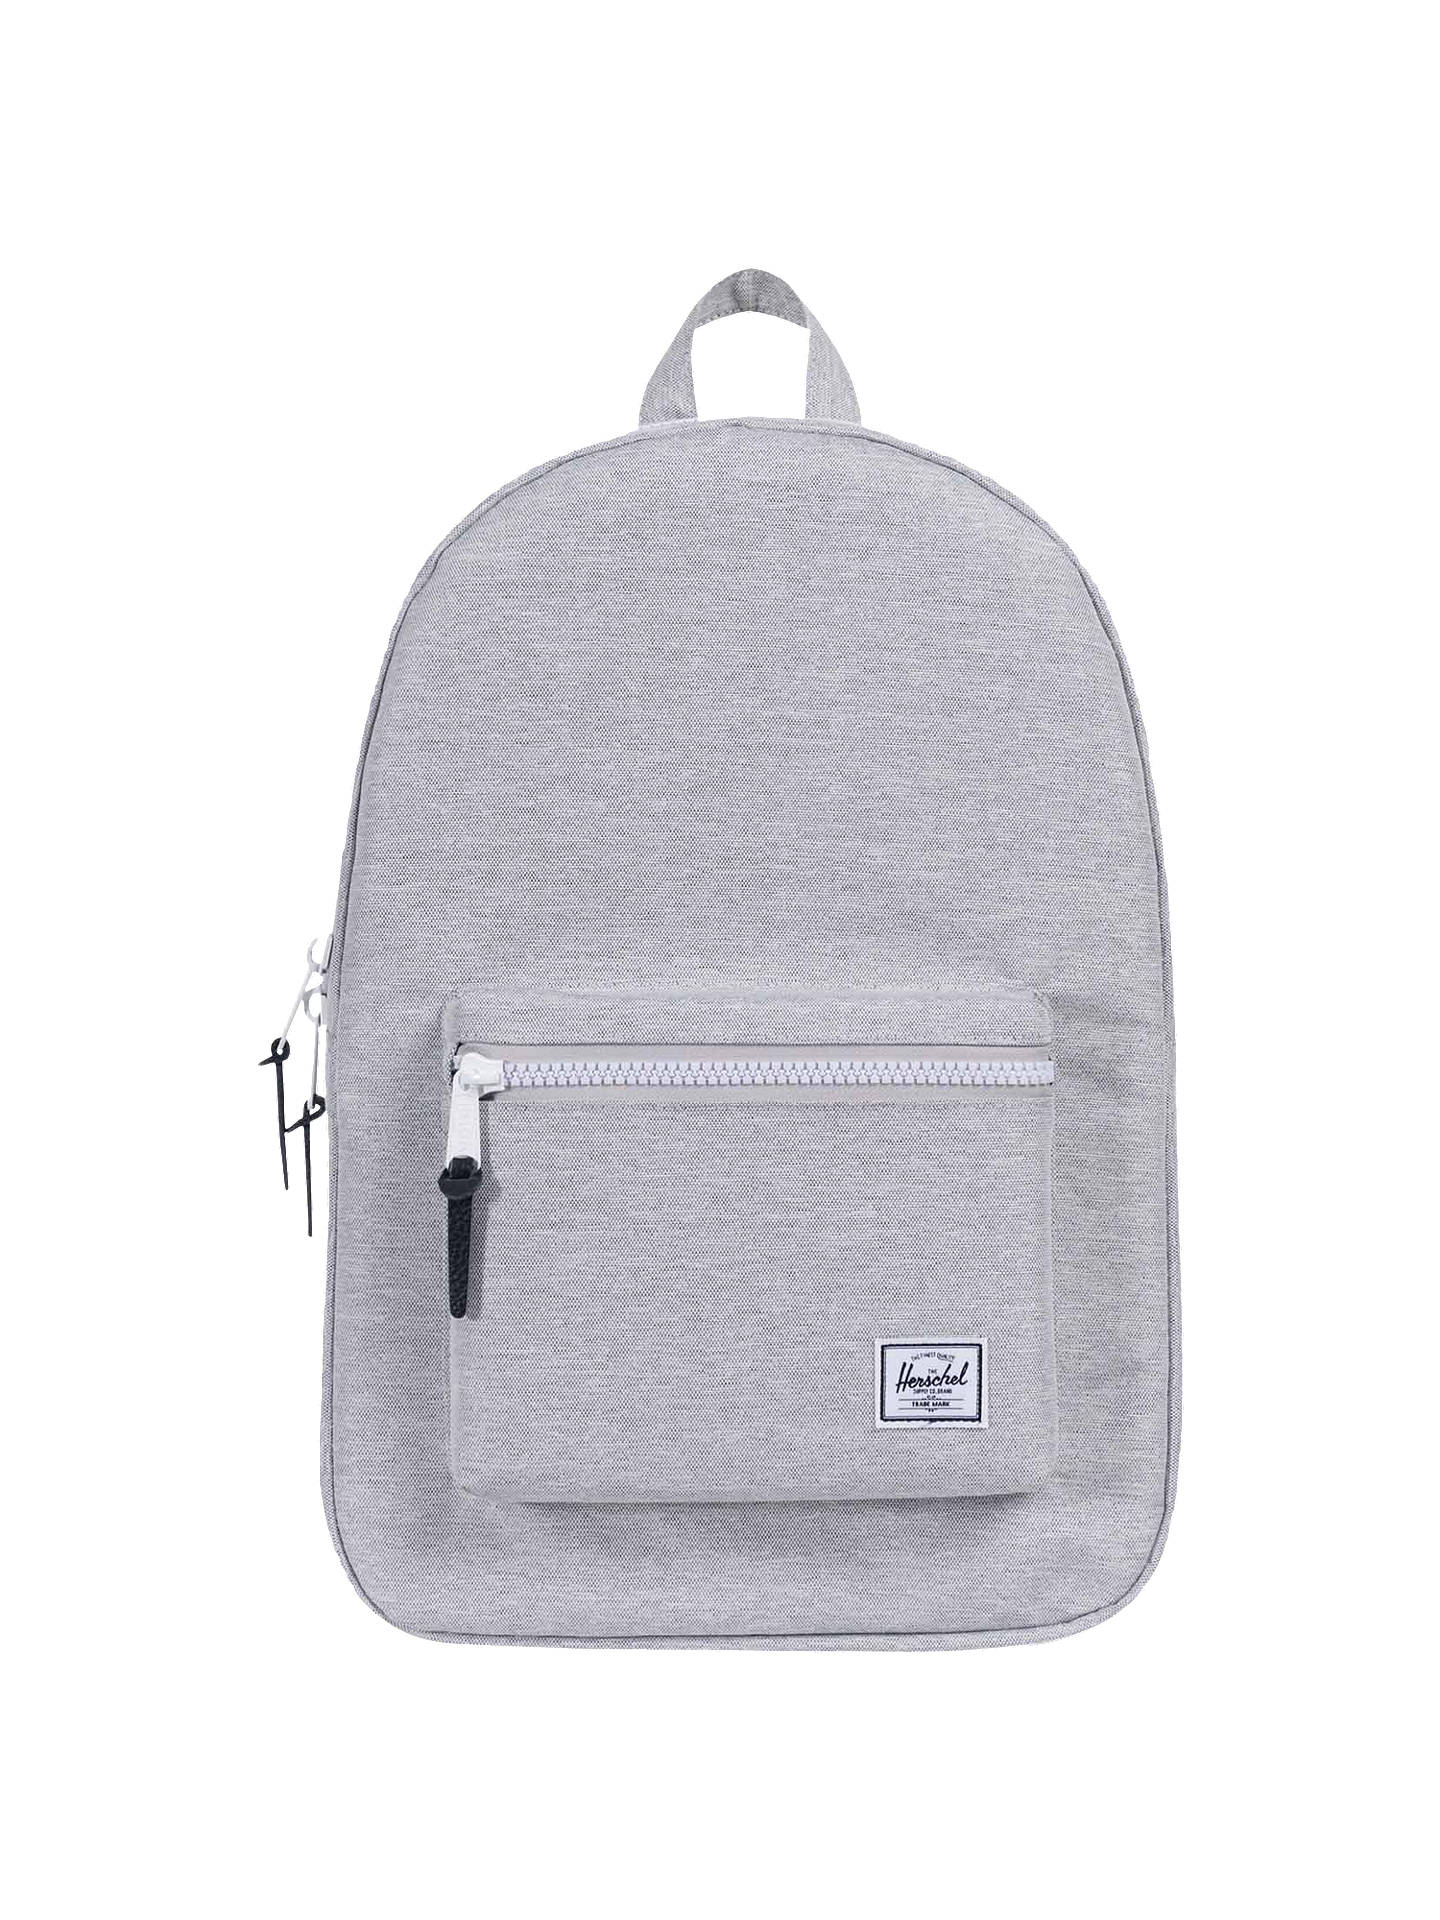 d0b54df468b BuyHerschel Supply Co. Settlement Backpack, Light Grey Online at  johnlewis.com ...